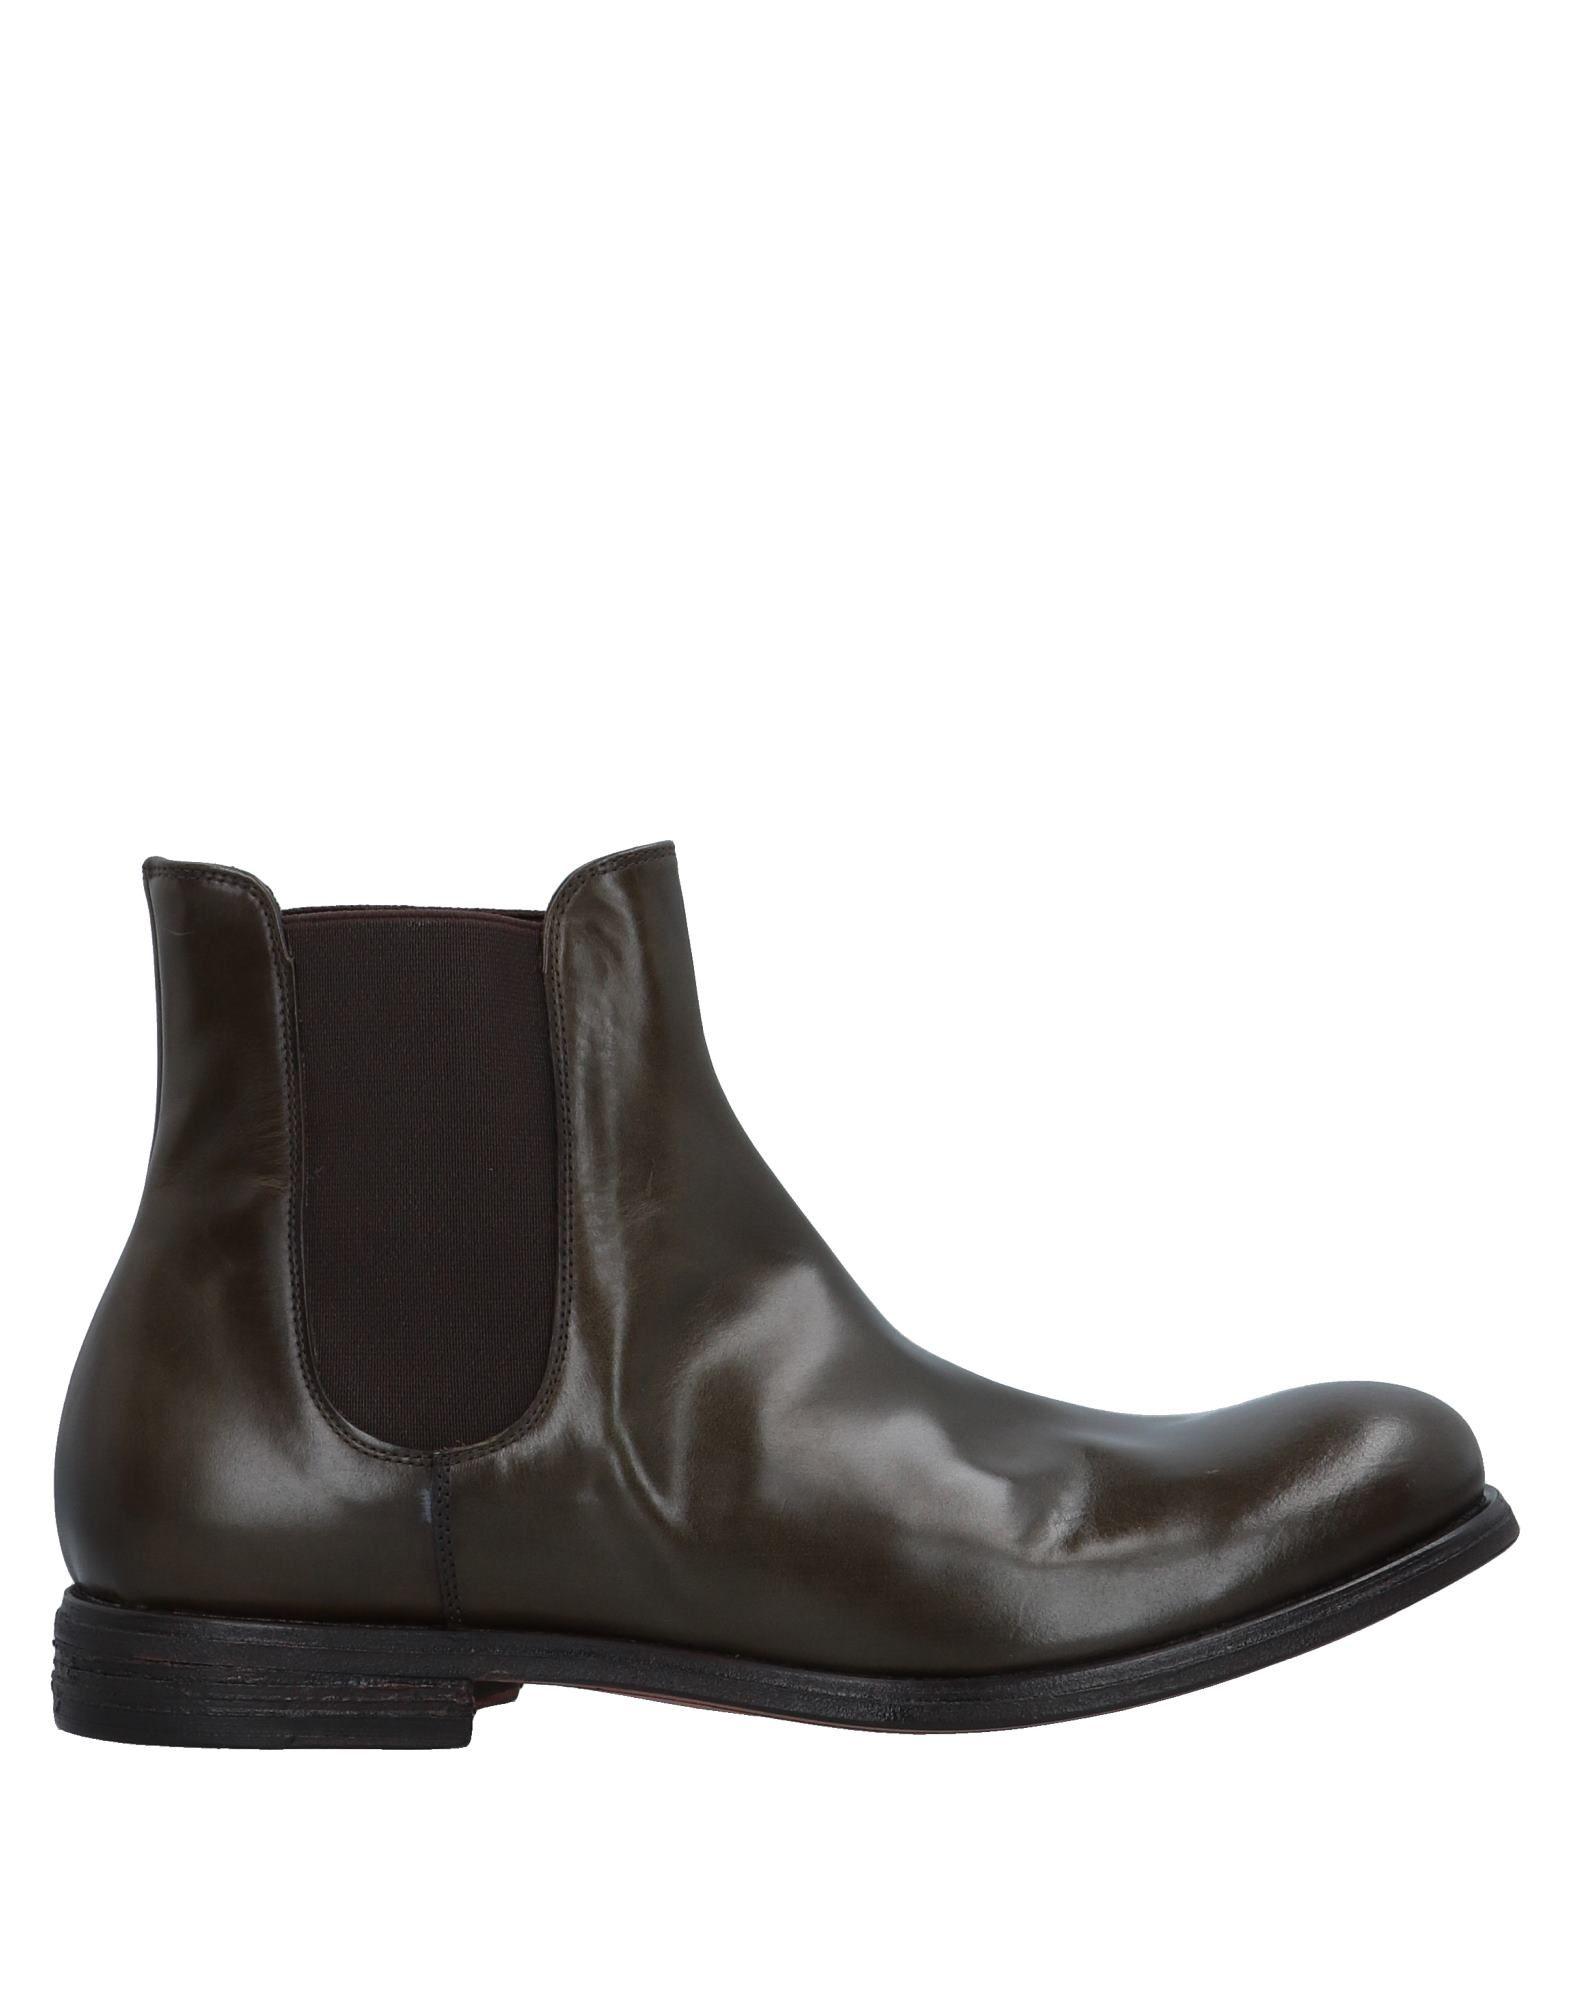 Raparo Stiefelette Herren  11536952ON Schuhe Gute Qualität beliebte Schuhe 11536952ON 519dbb